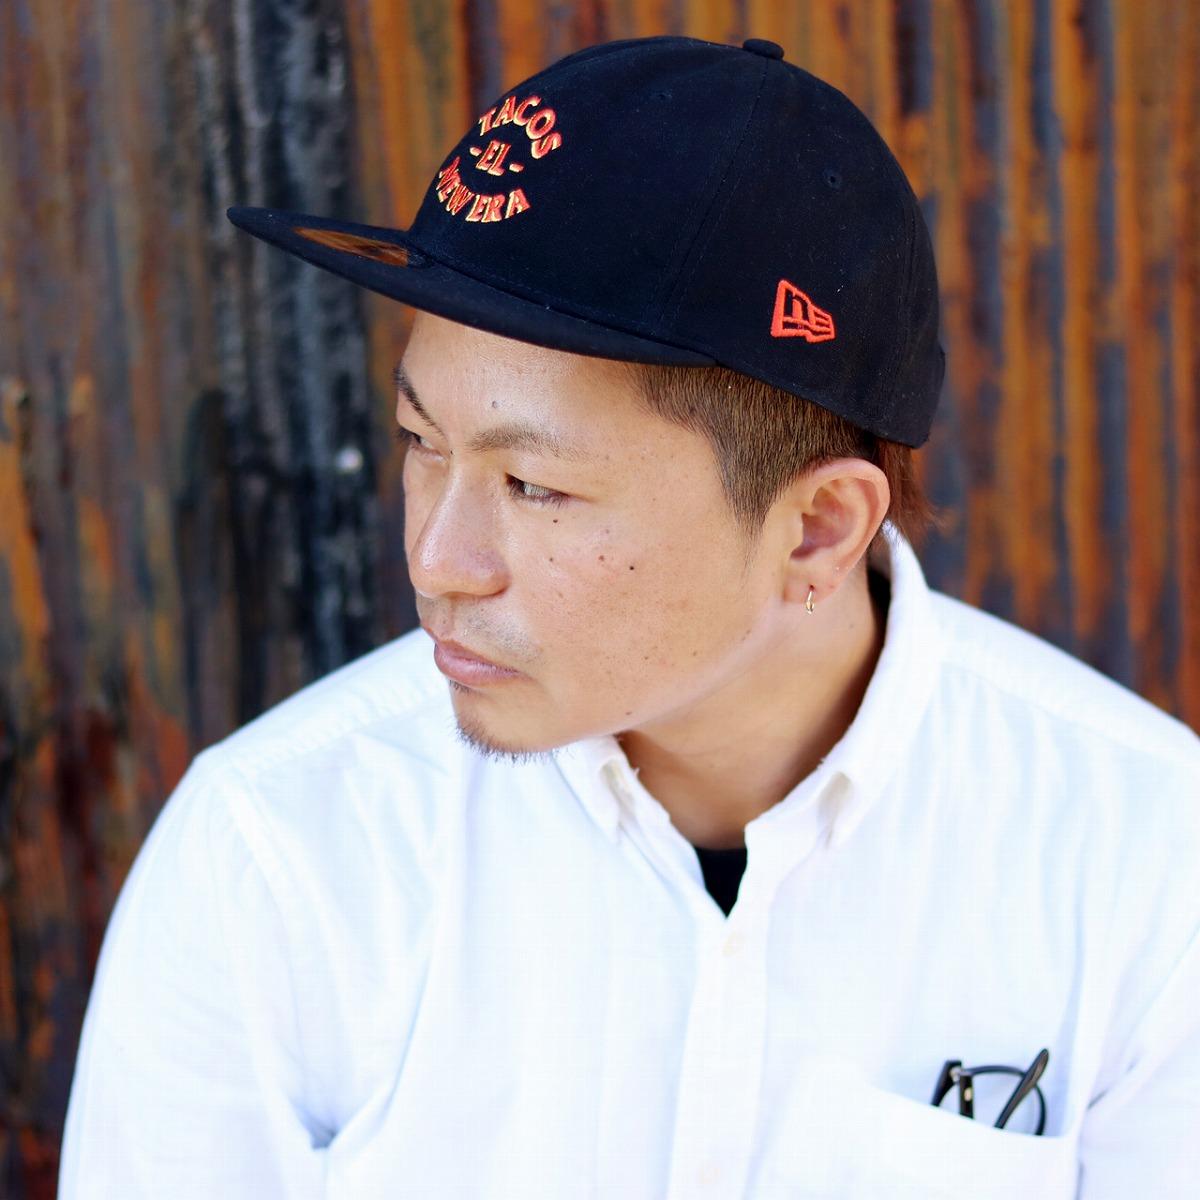 d3a1f9f70c9 Front design Mexico CAP logo cap casual baseball cap black black  baseball  cap  present ...